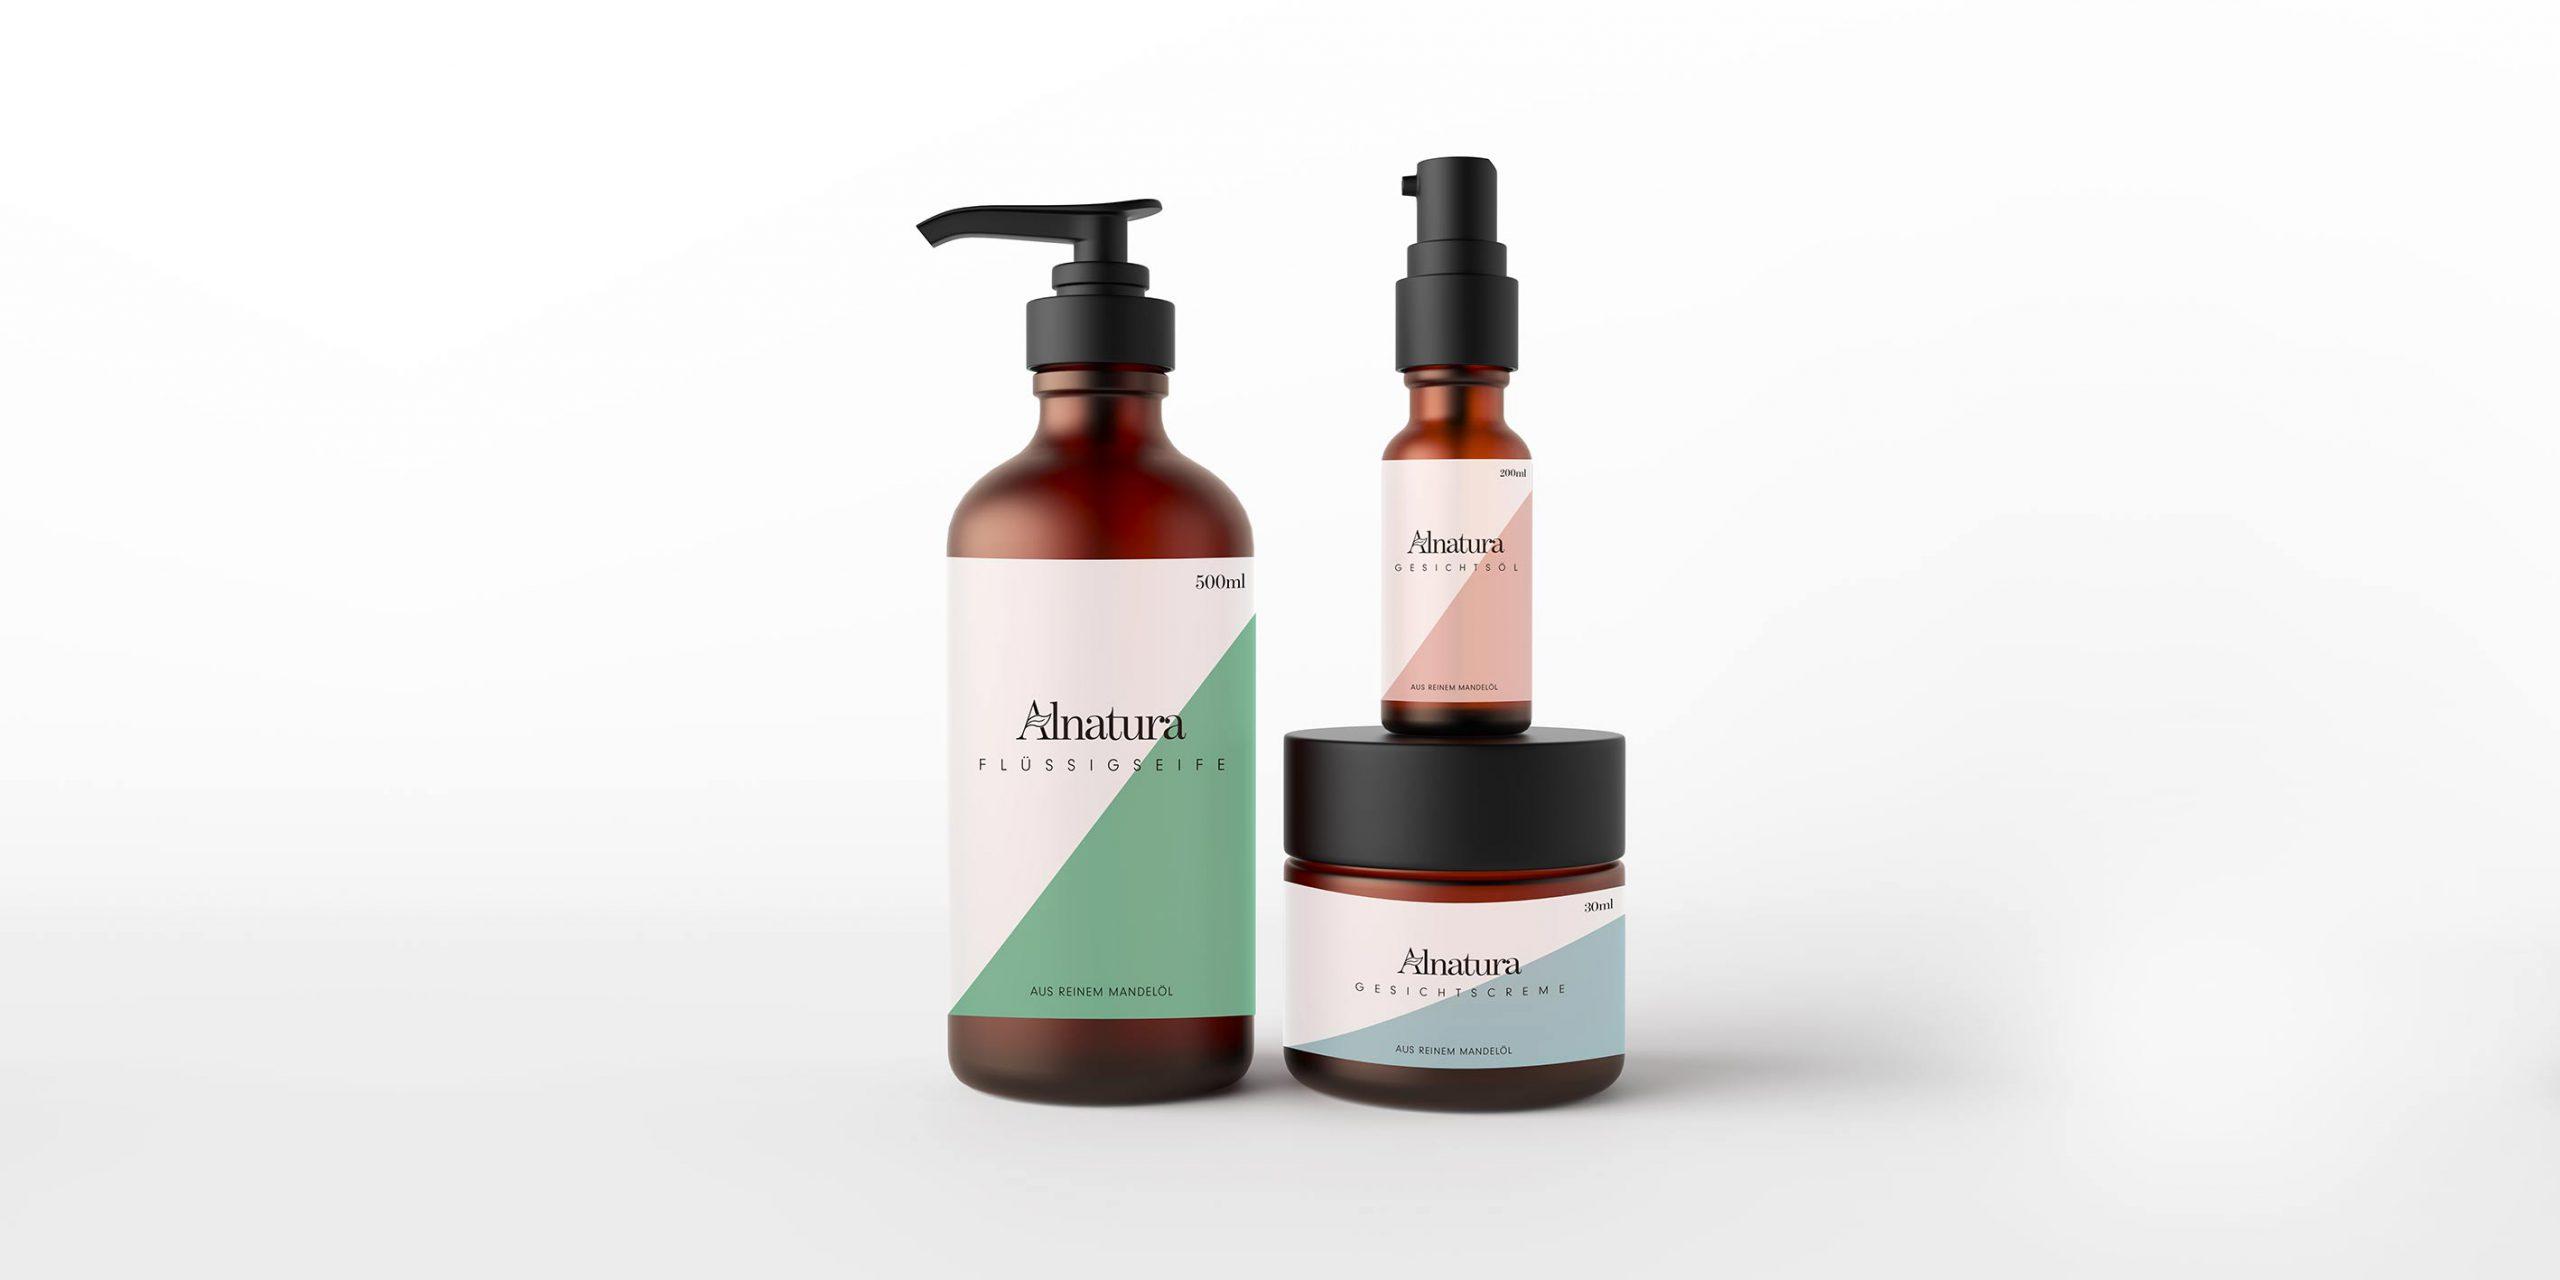 alnatura_packaging_01